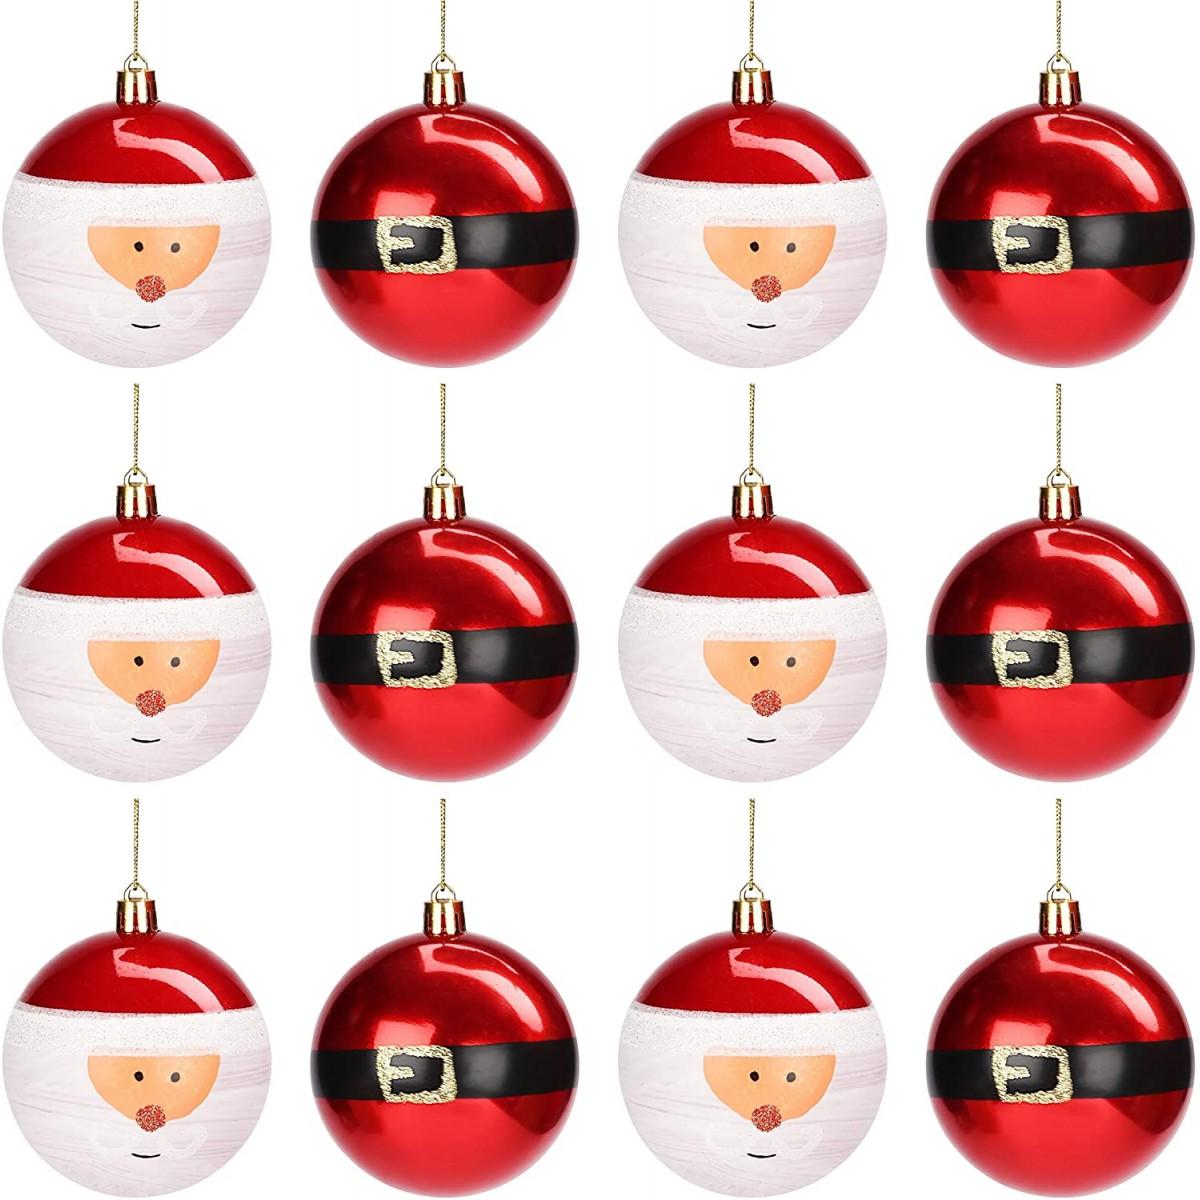 Palline Di Natale.Set 12 Palline Di Natale Rosse Scintillanti E Babbo Natale Da 8 Cm